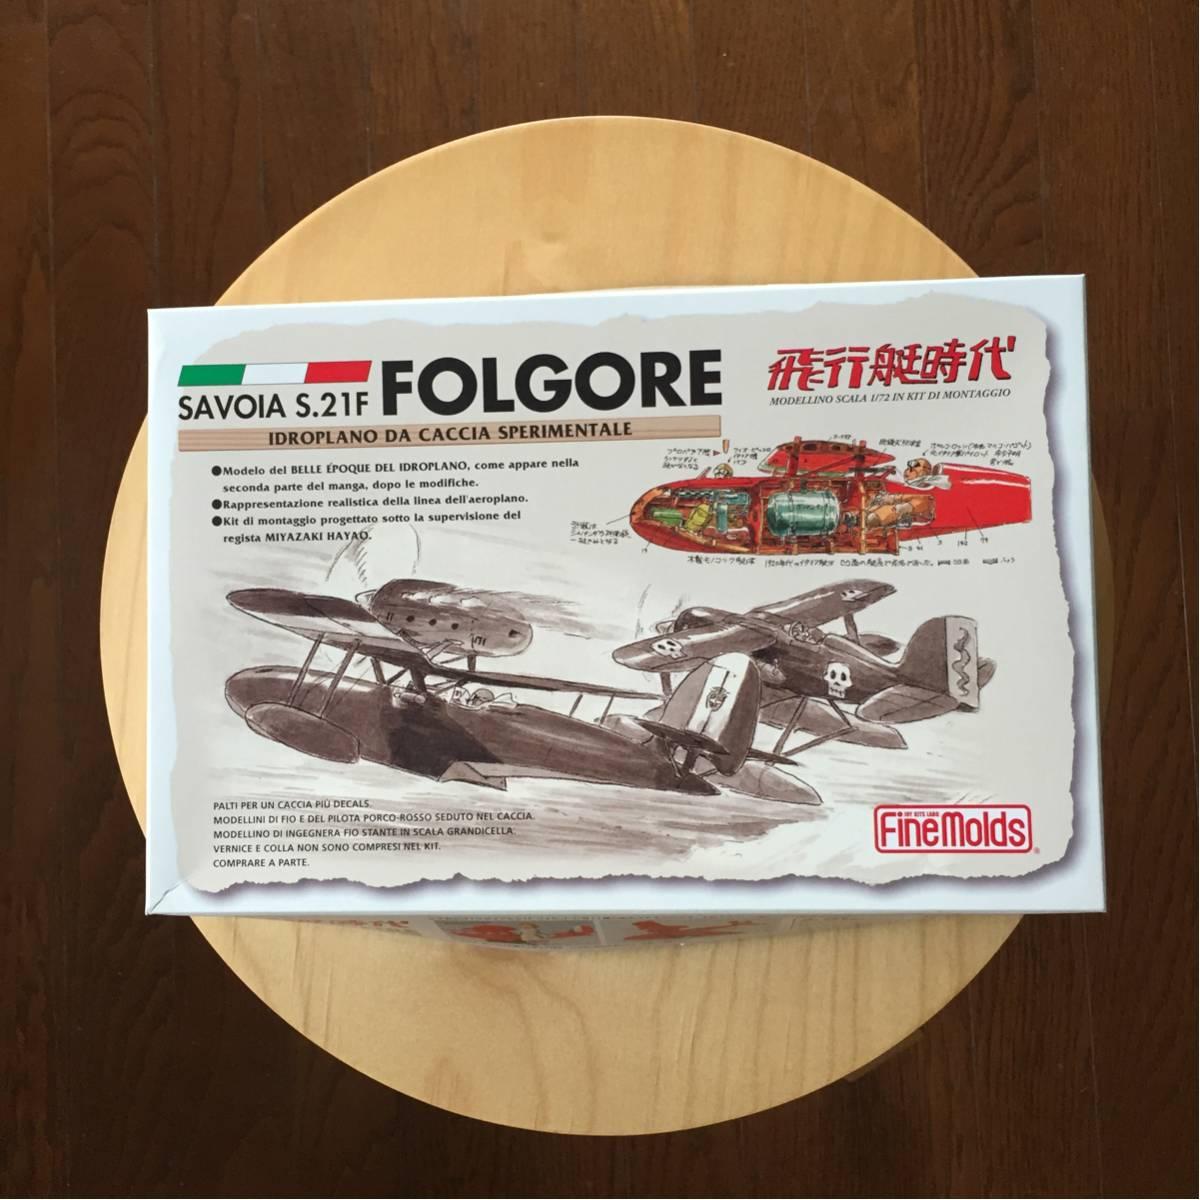 フォルゴーレ号 紅の豚 ジブリ 飛行挺時代 ファインモールド フィオのフィギュア付 未組立 グッズの画像